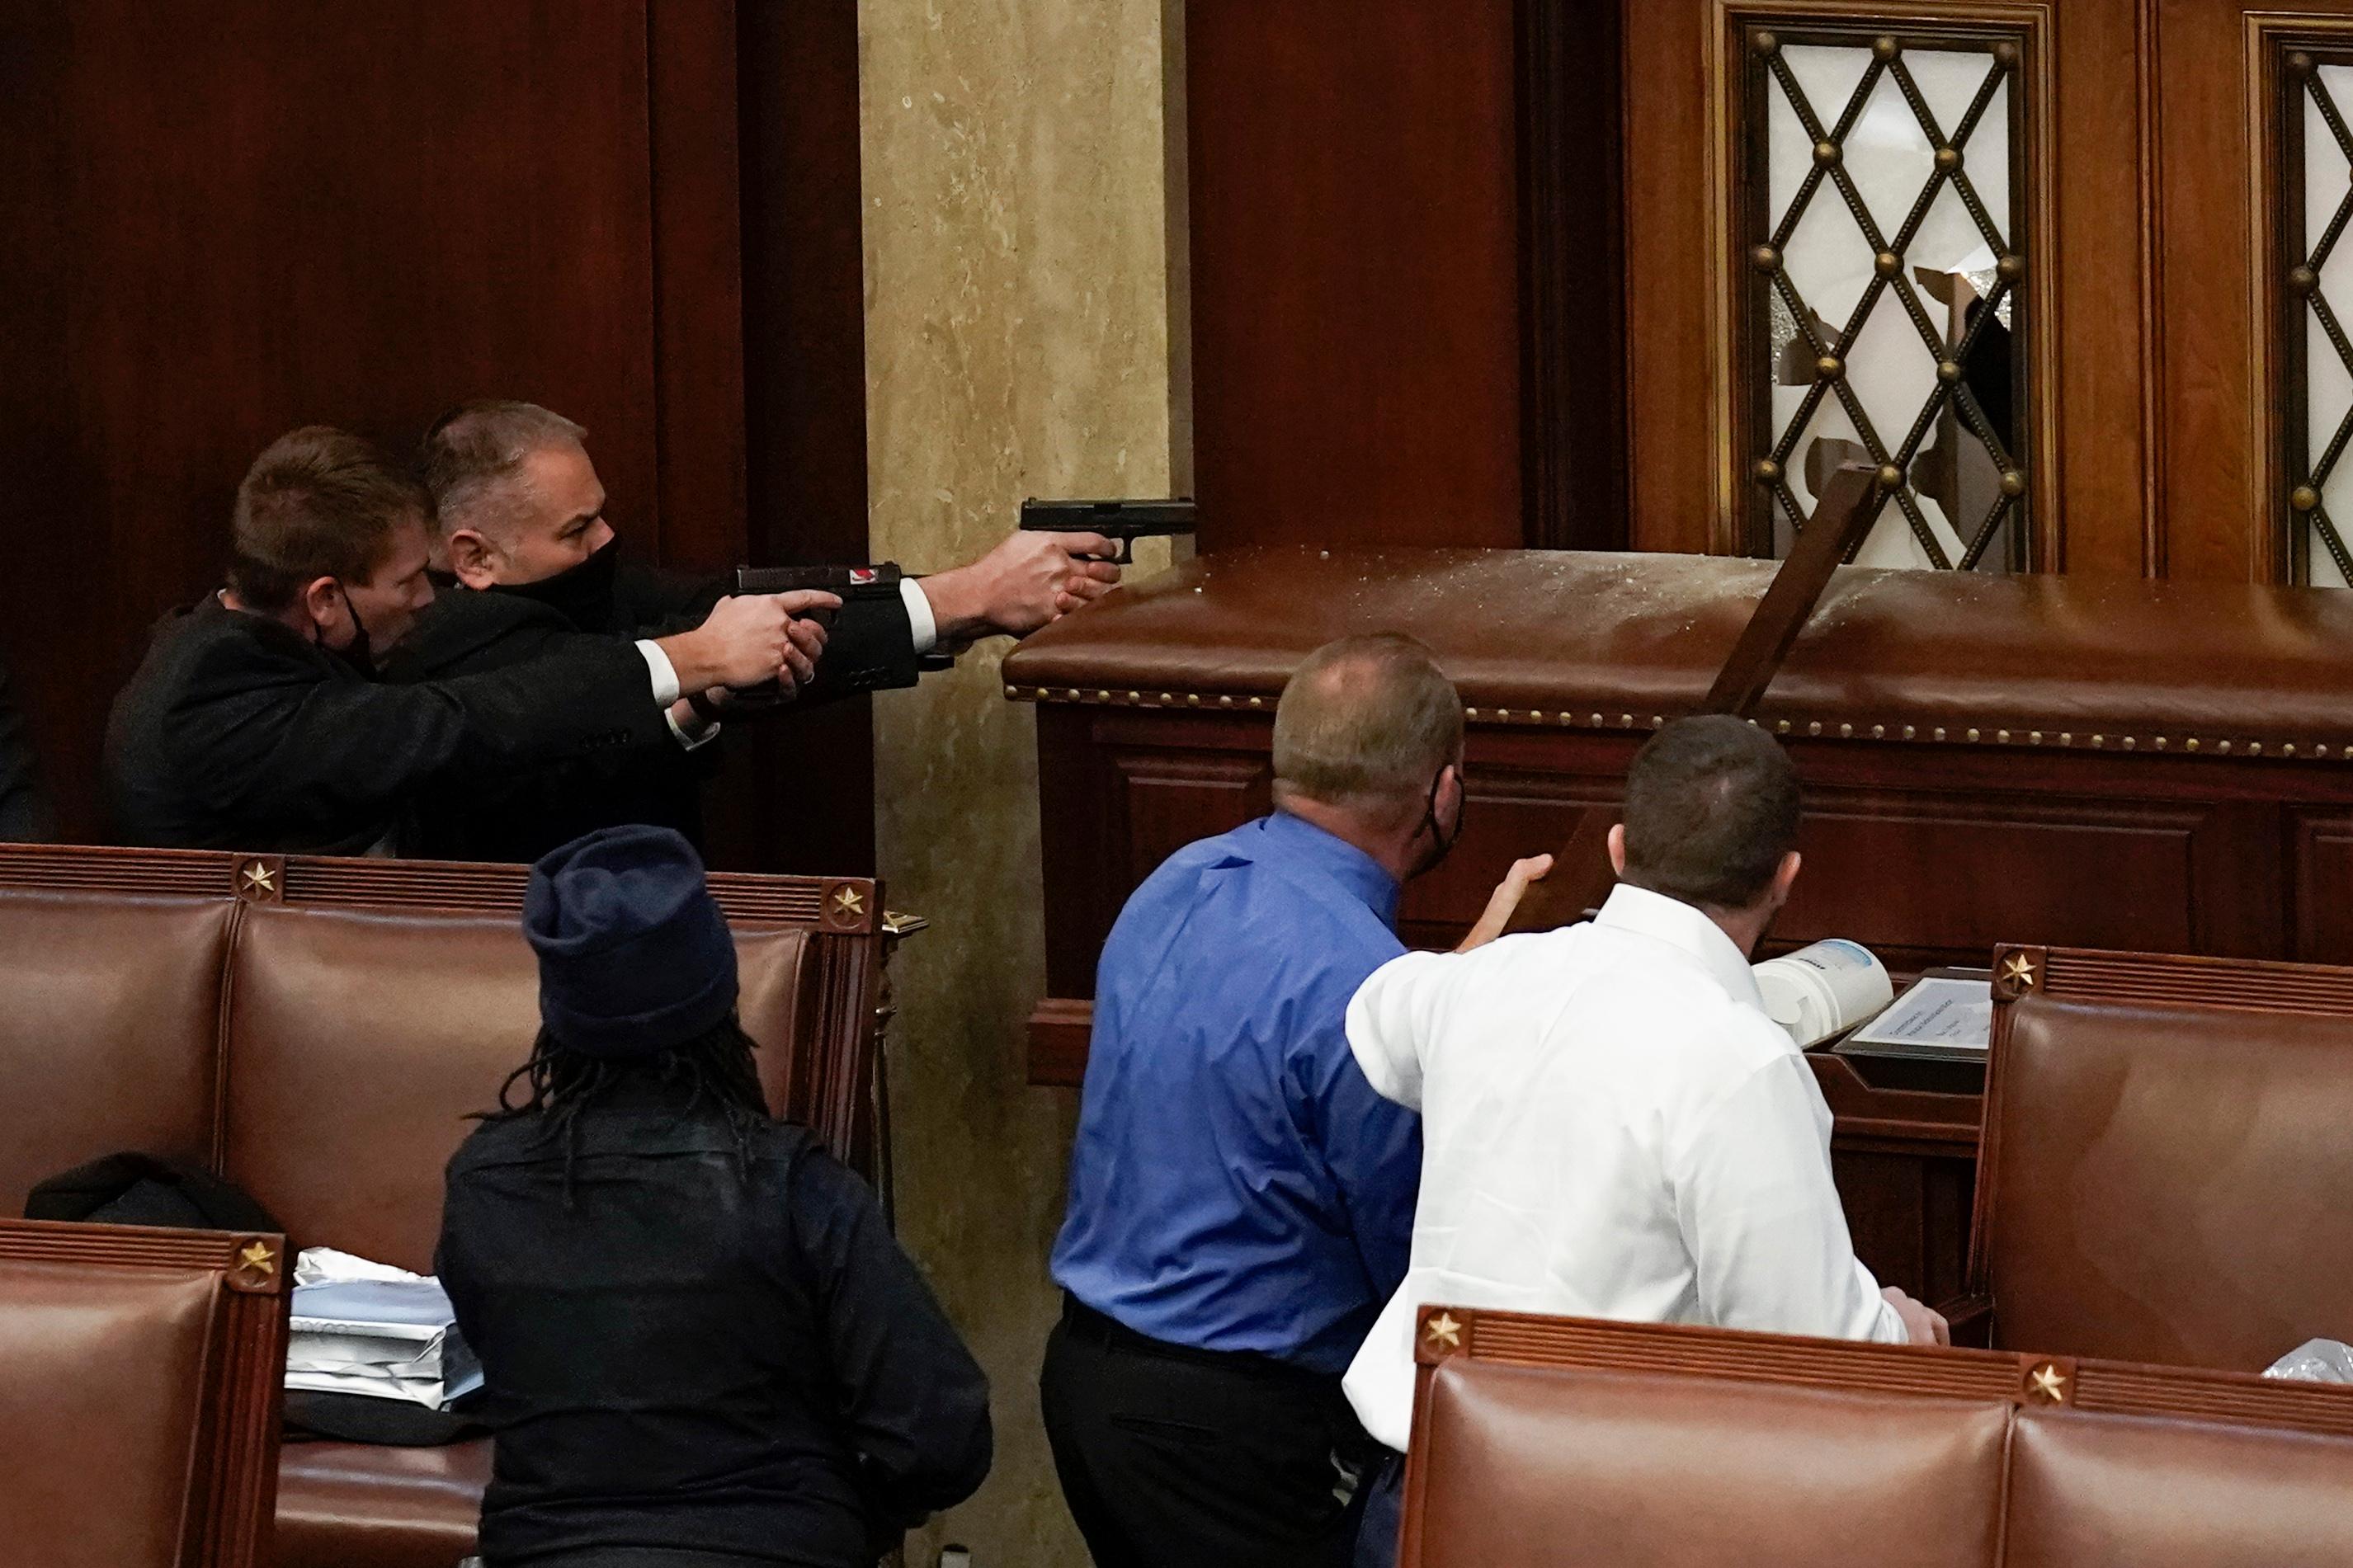 Los legisladores tuvieron que correr por sus vidas durante la 'insurgencia'